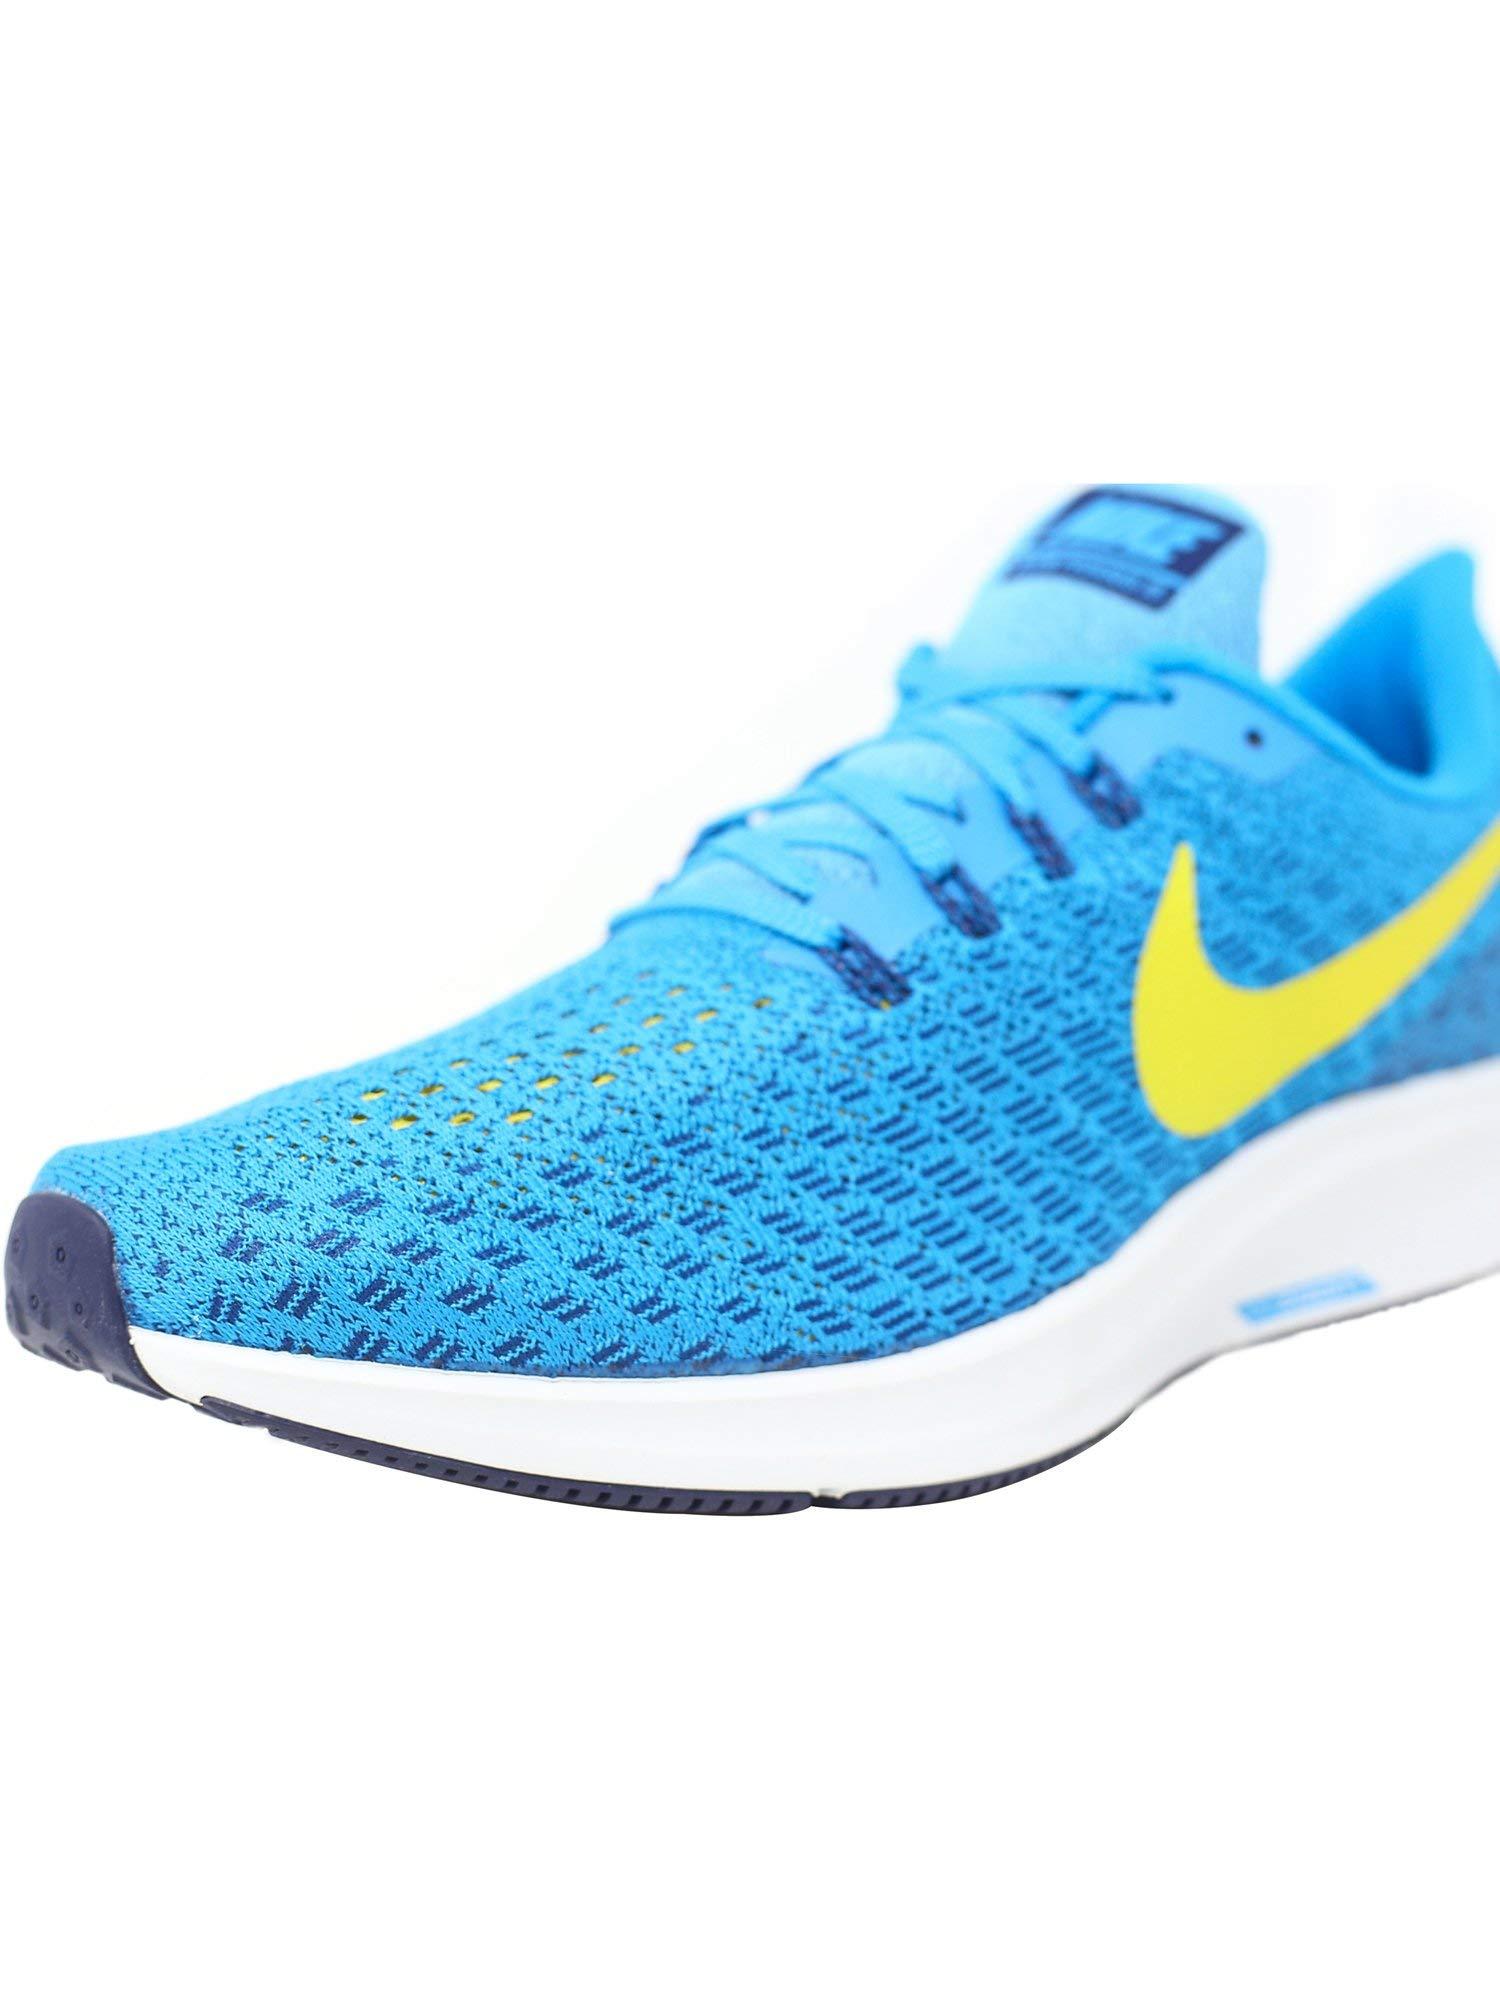 085cb04e1e6f1 Galleon - Nike Men s Air Zoom Pegasus 35 Running Shoes (9 D US